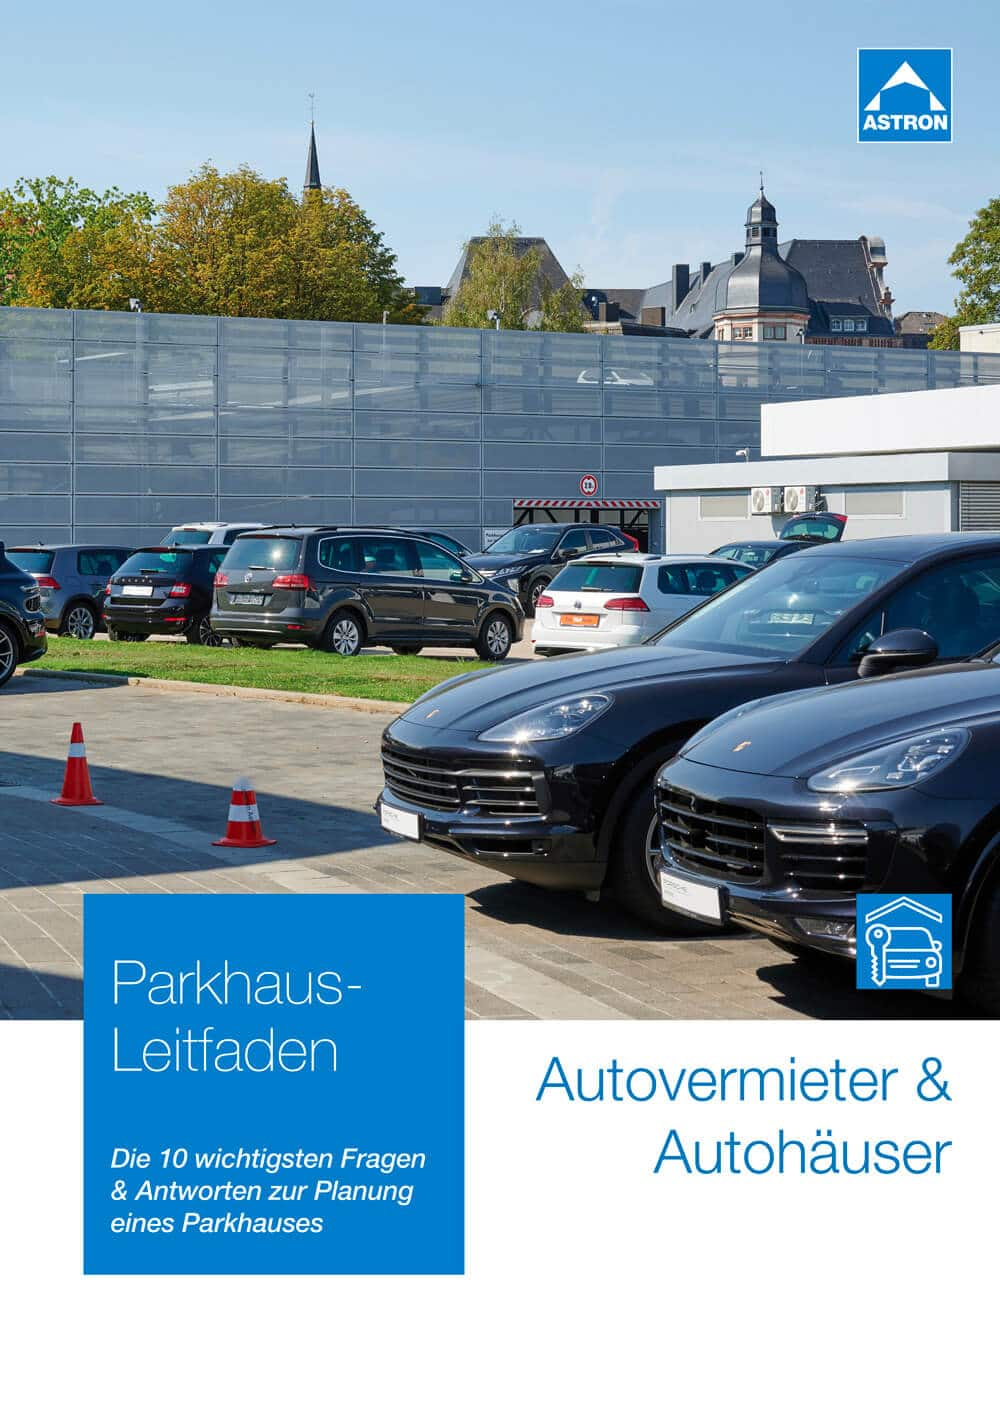 Leitfaden zur Parkhaus-Planung für Autovermieter und Autohäuser